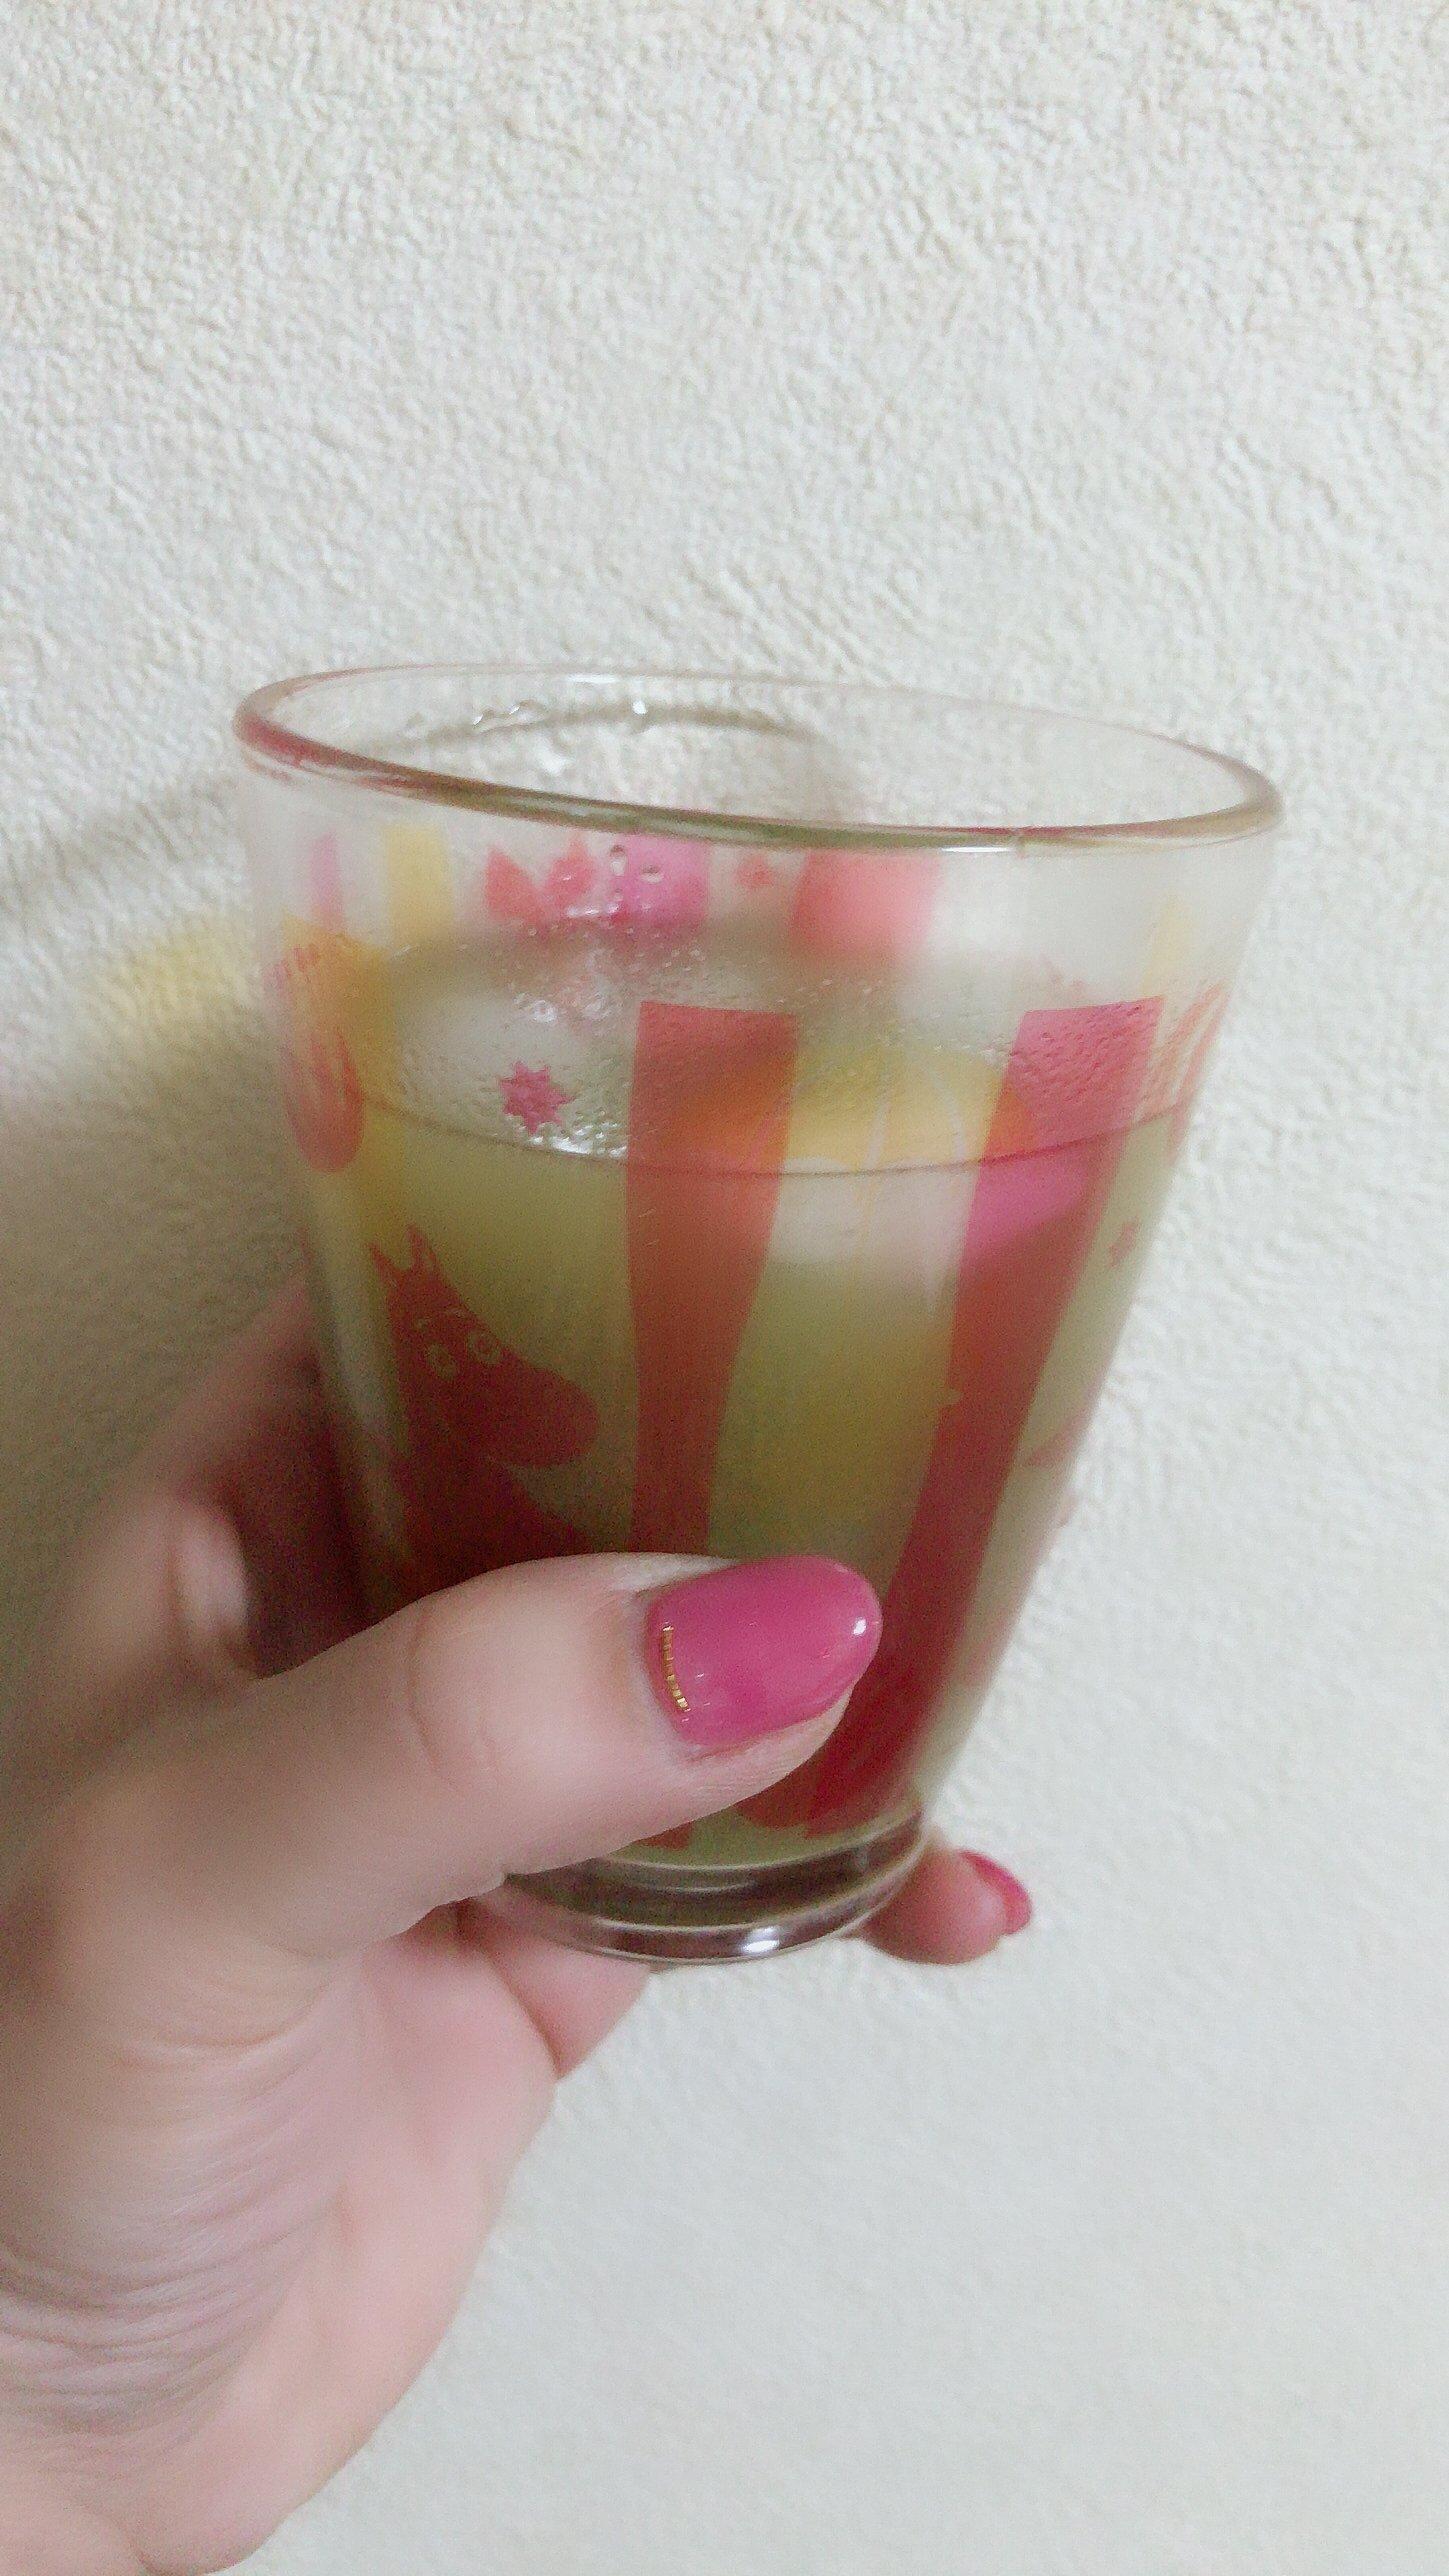 青汁^ ^でもこれフルーツっぽい味でゴクゴク飲めちゃうんだよ&#…